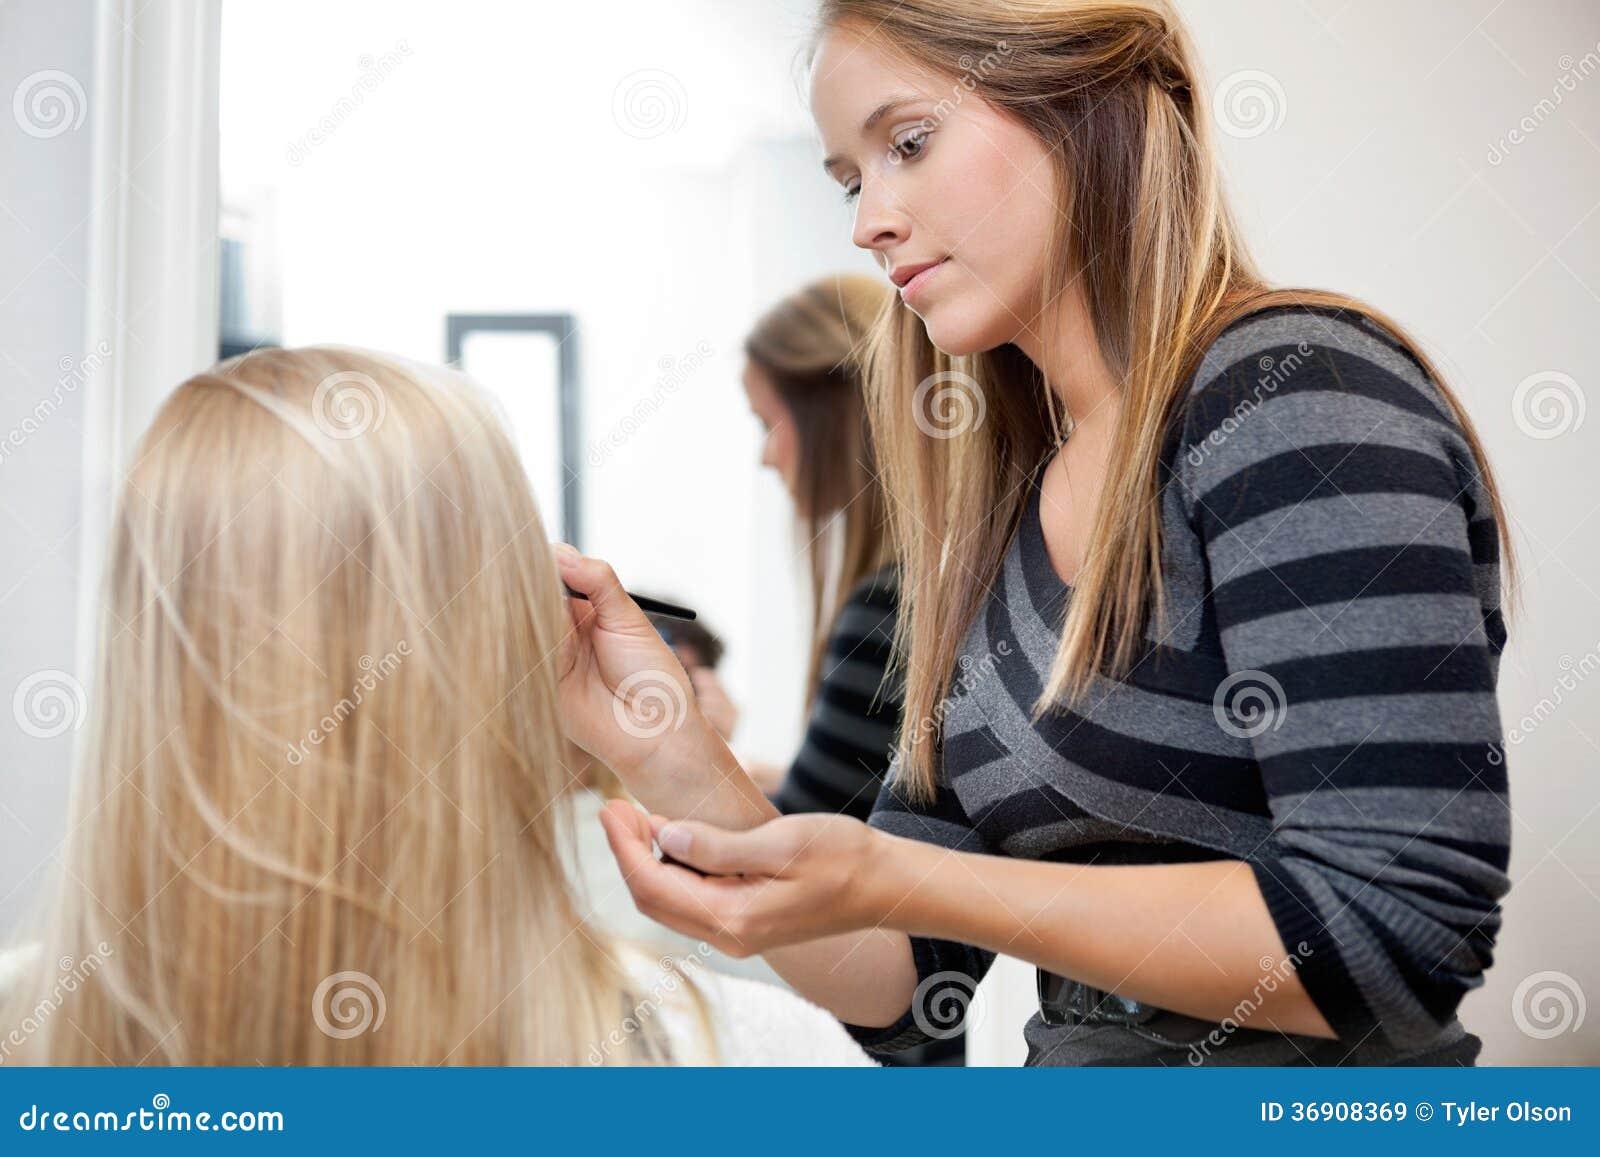 Kunstenaar Applying Make Up aan Vrouw